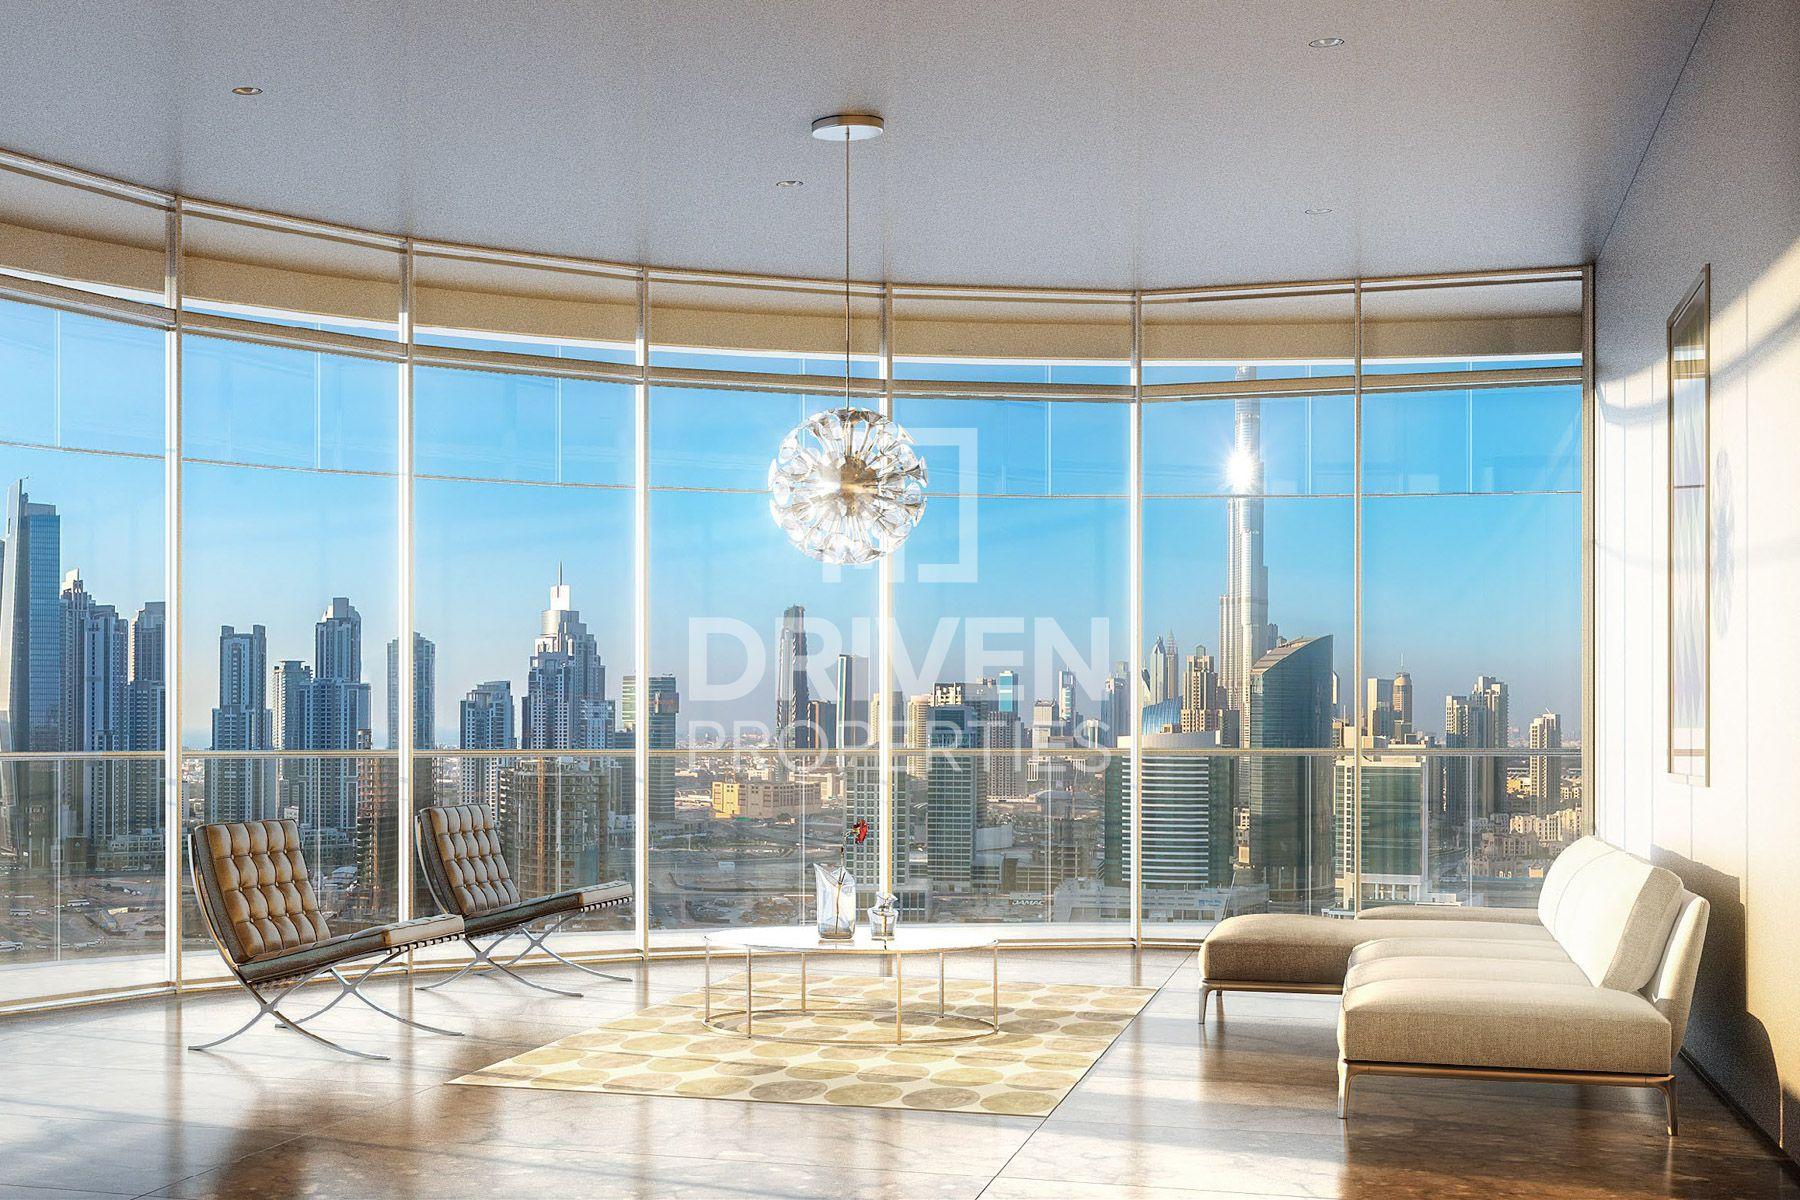 للبيع - ستوديو - AG برج - الخليج التجاري